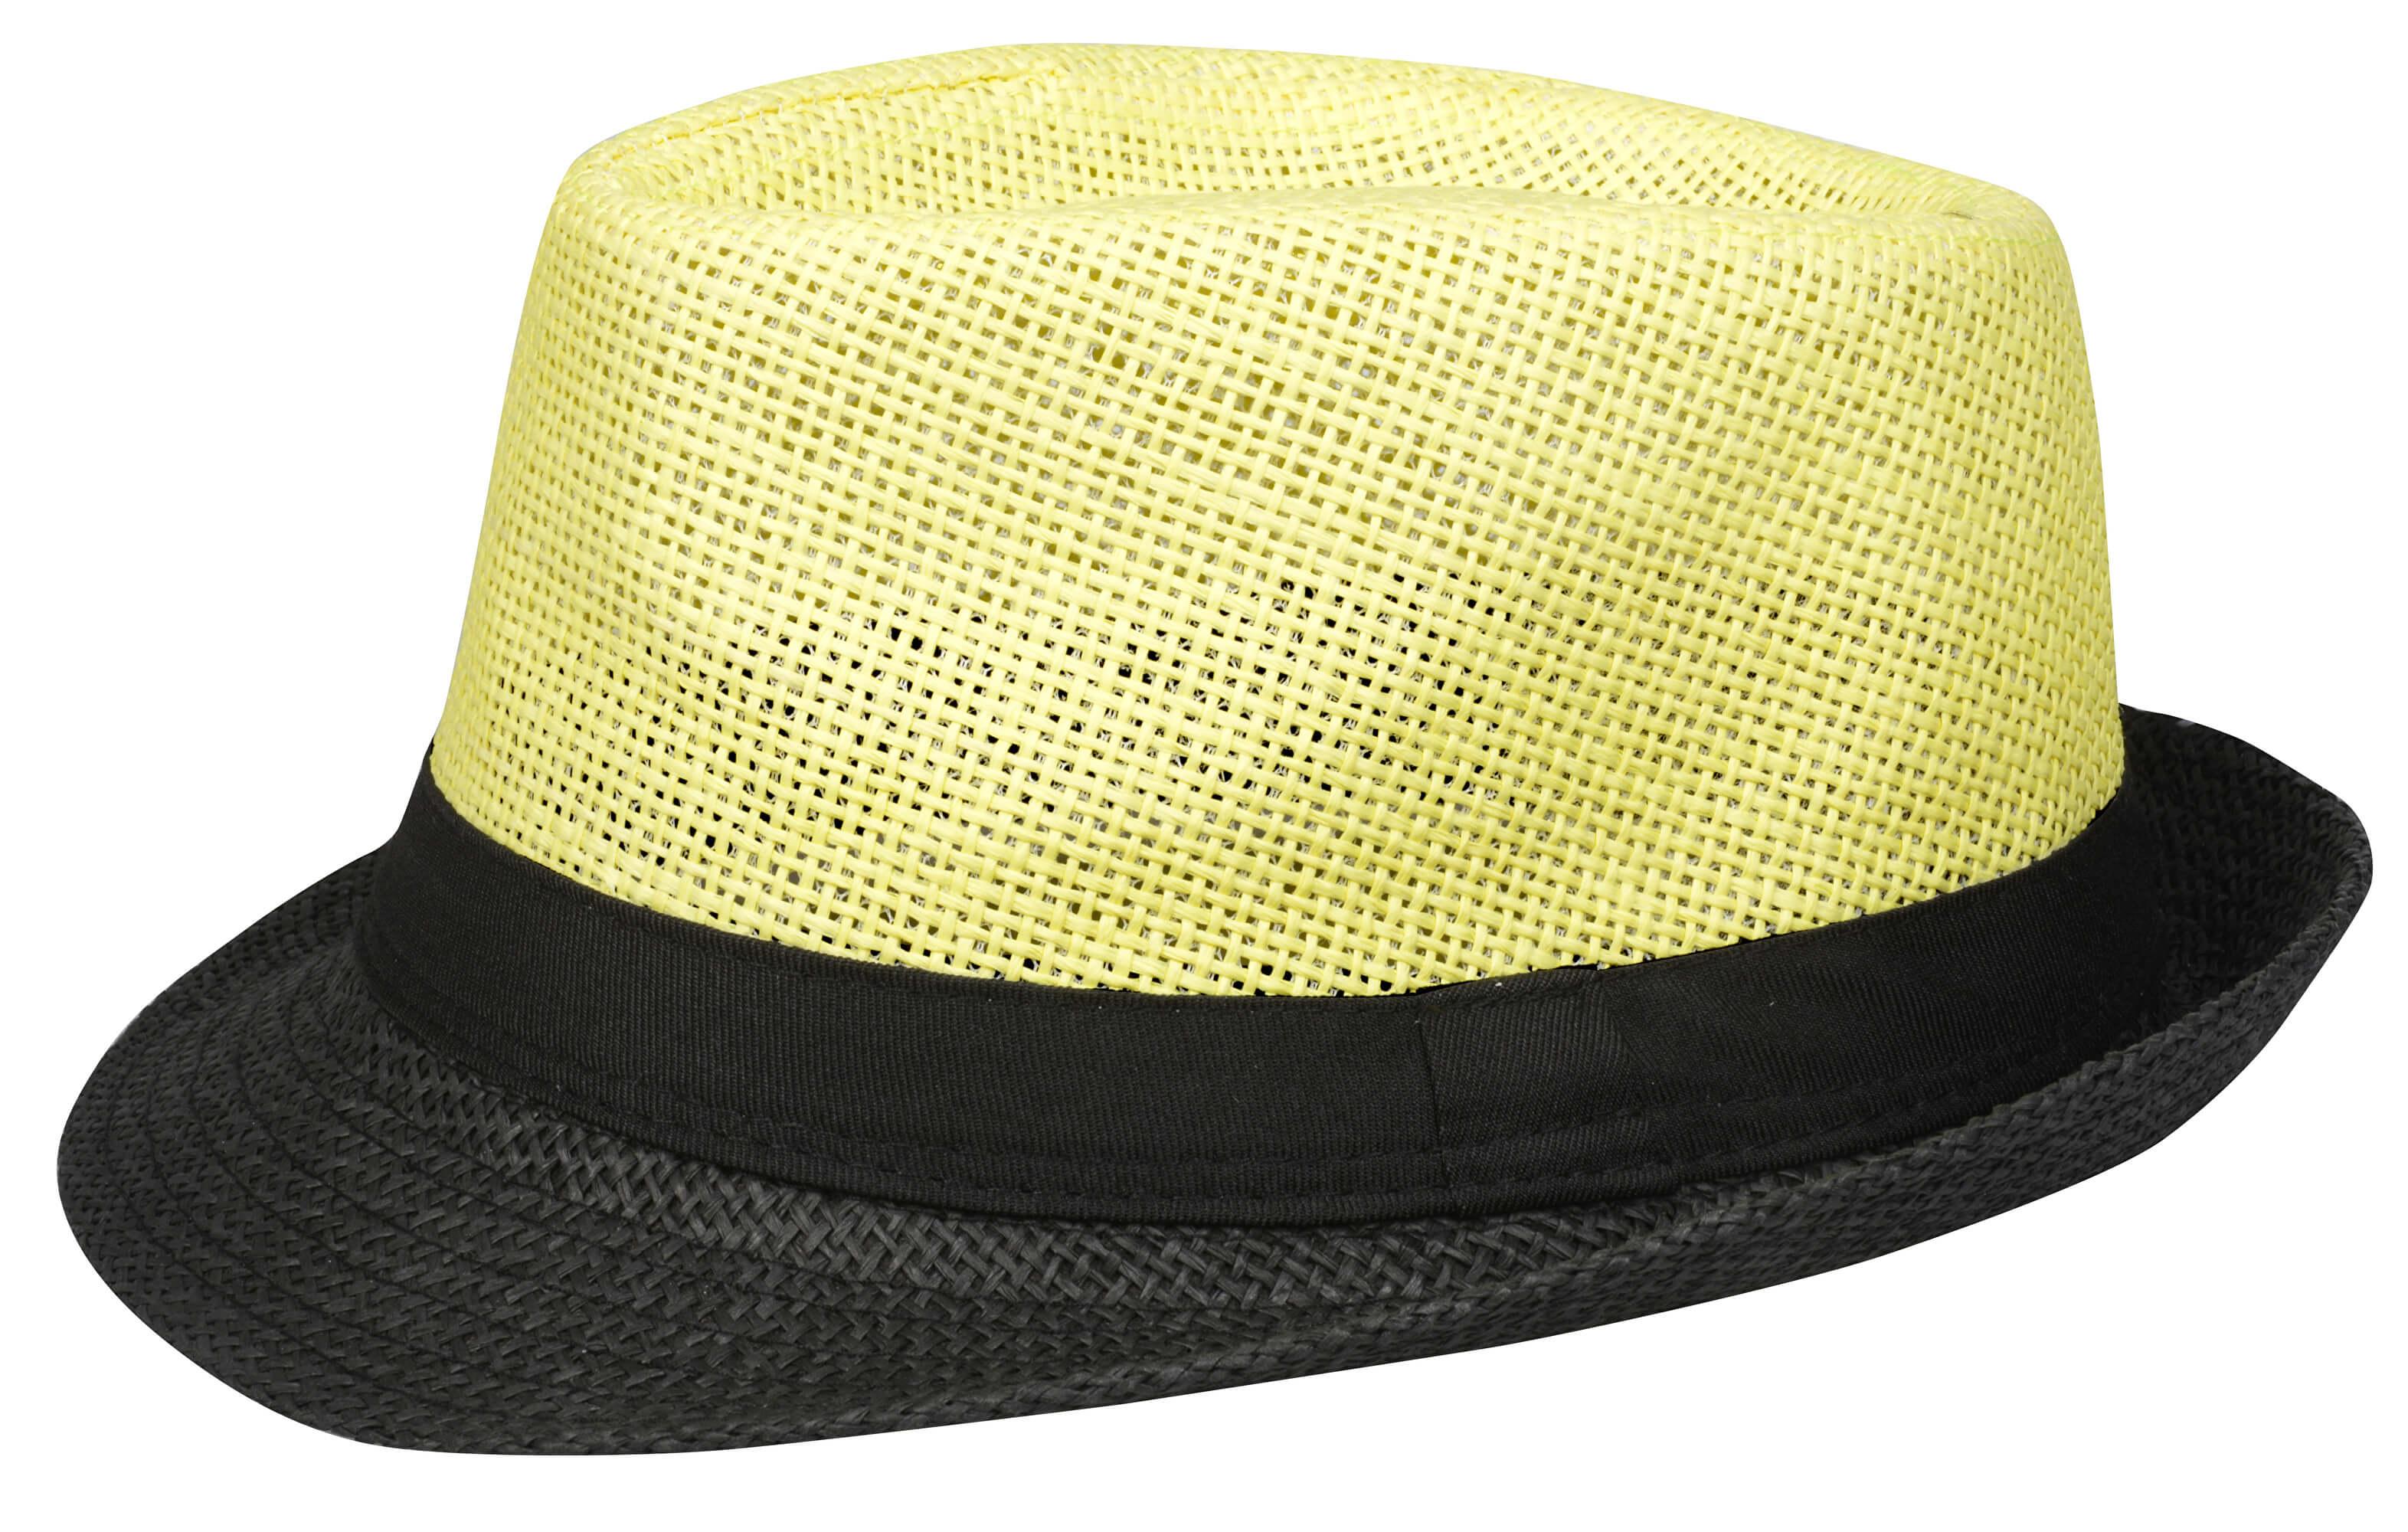 ffa54706c82 Art of Polo Letní klobouk dvoubarevný - zelenožlutý cz15160.7 ...